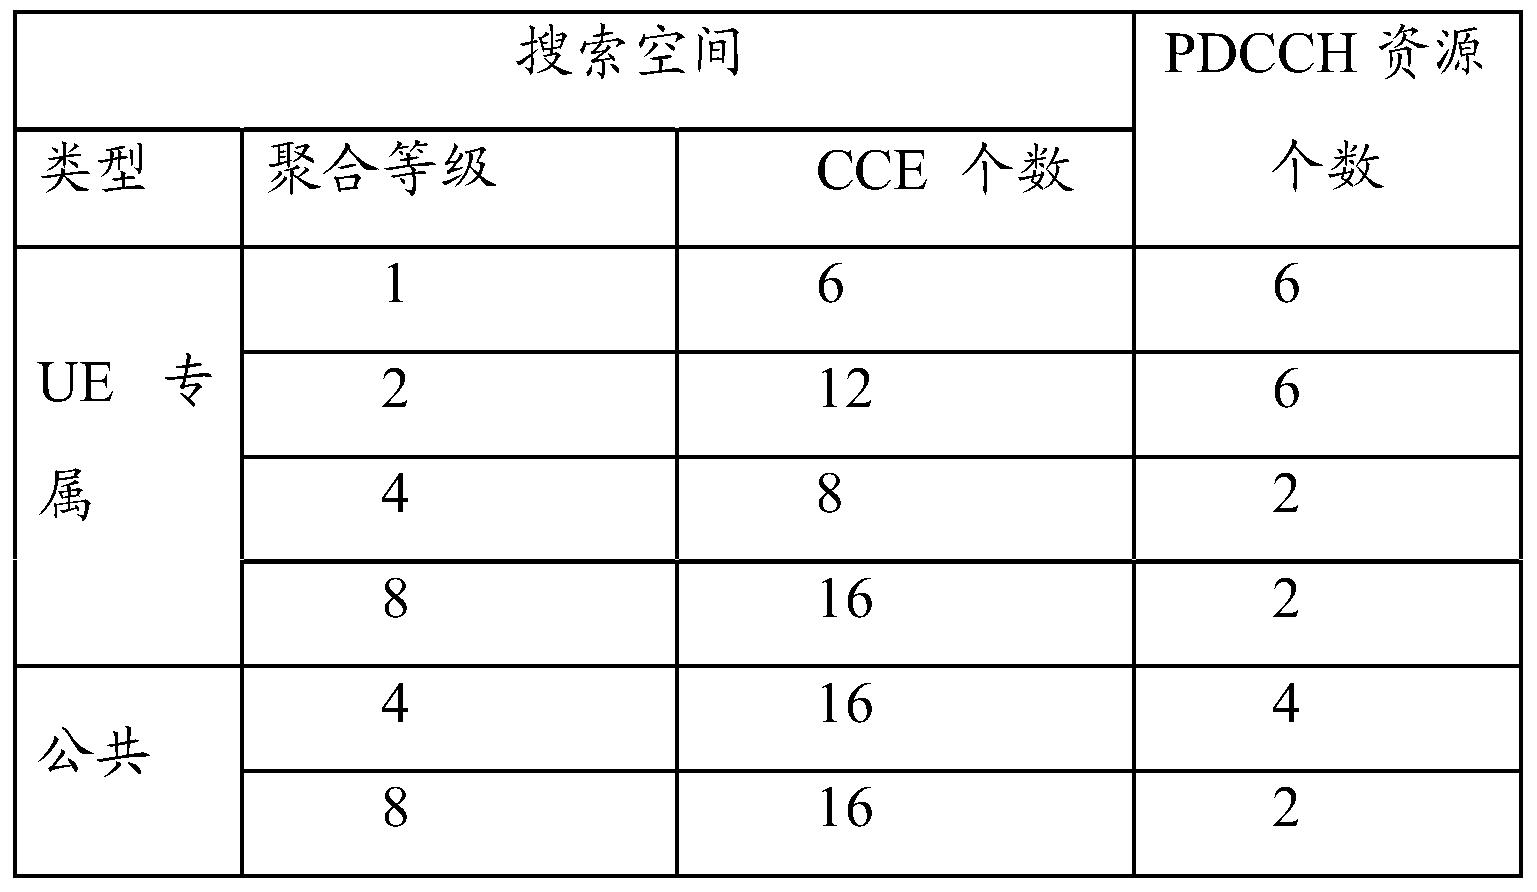 Figure PCTCN2016093232-appb-000001